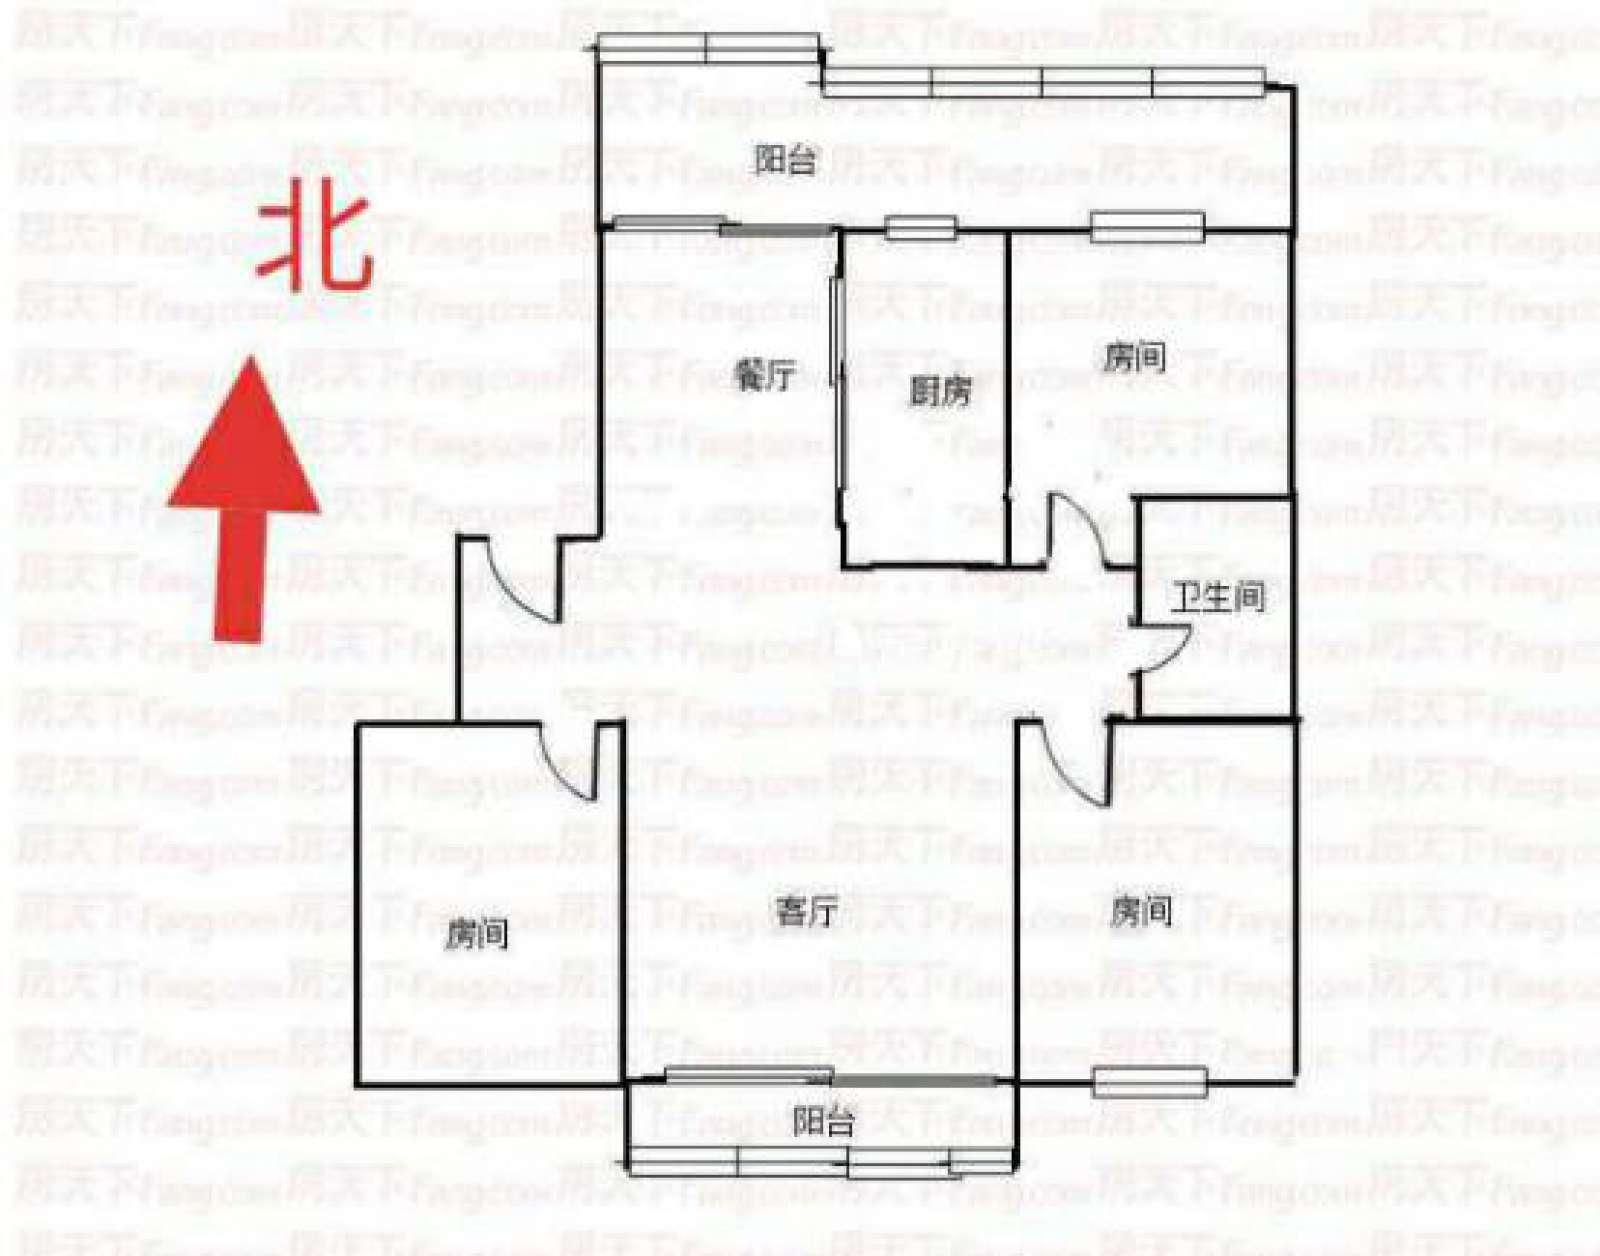 水木清华 3室2厅103㎡